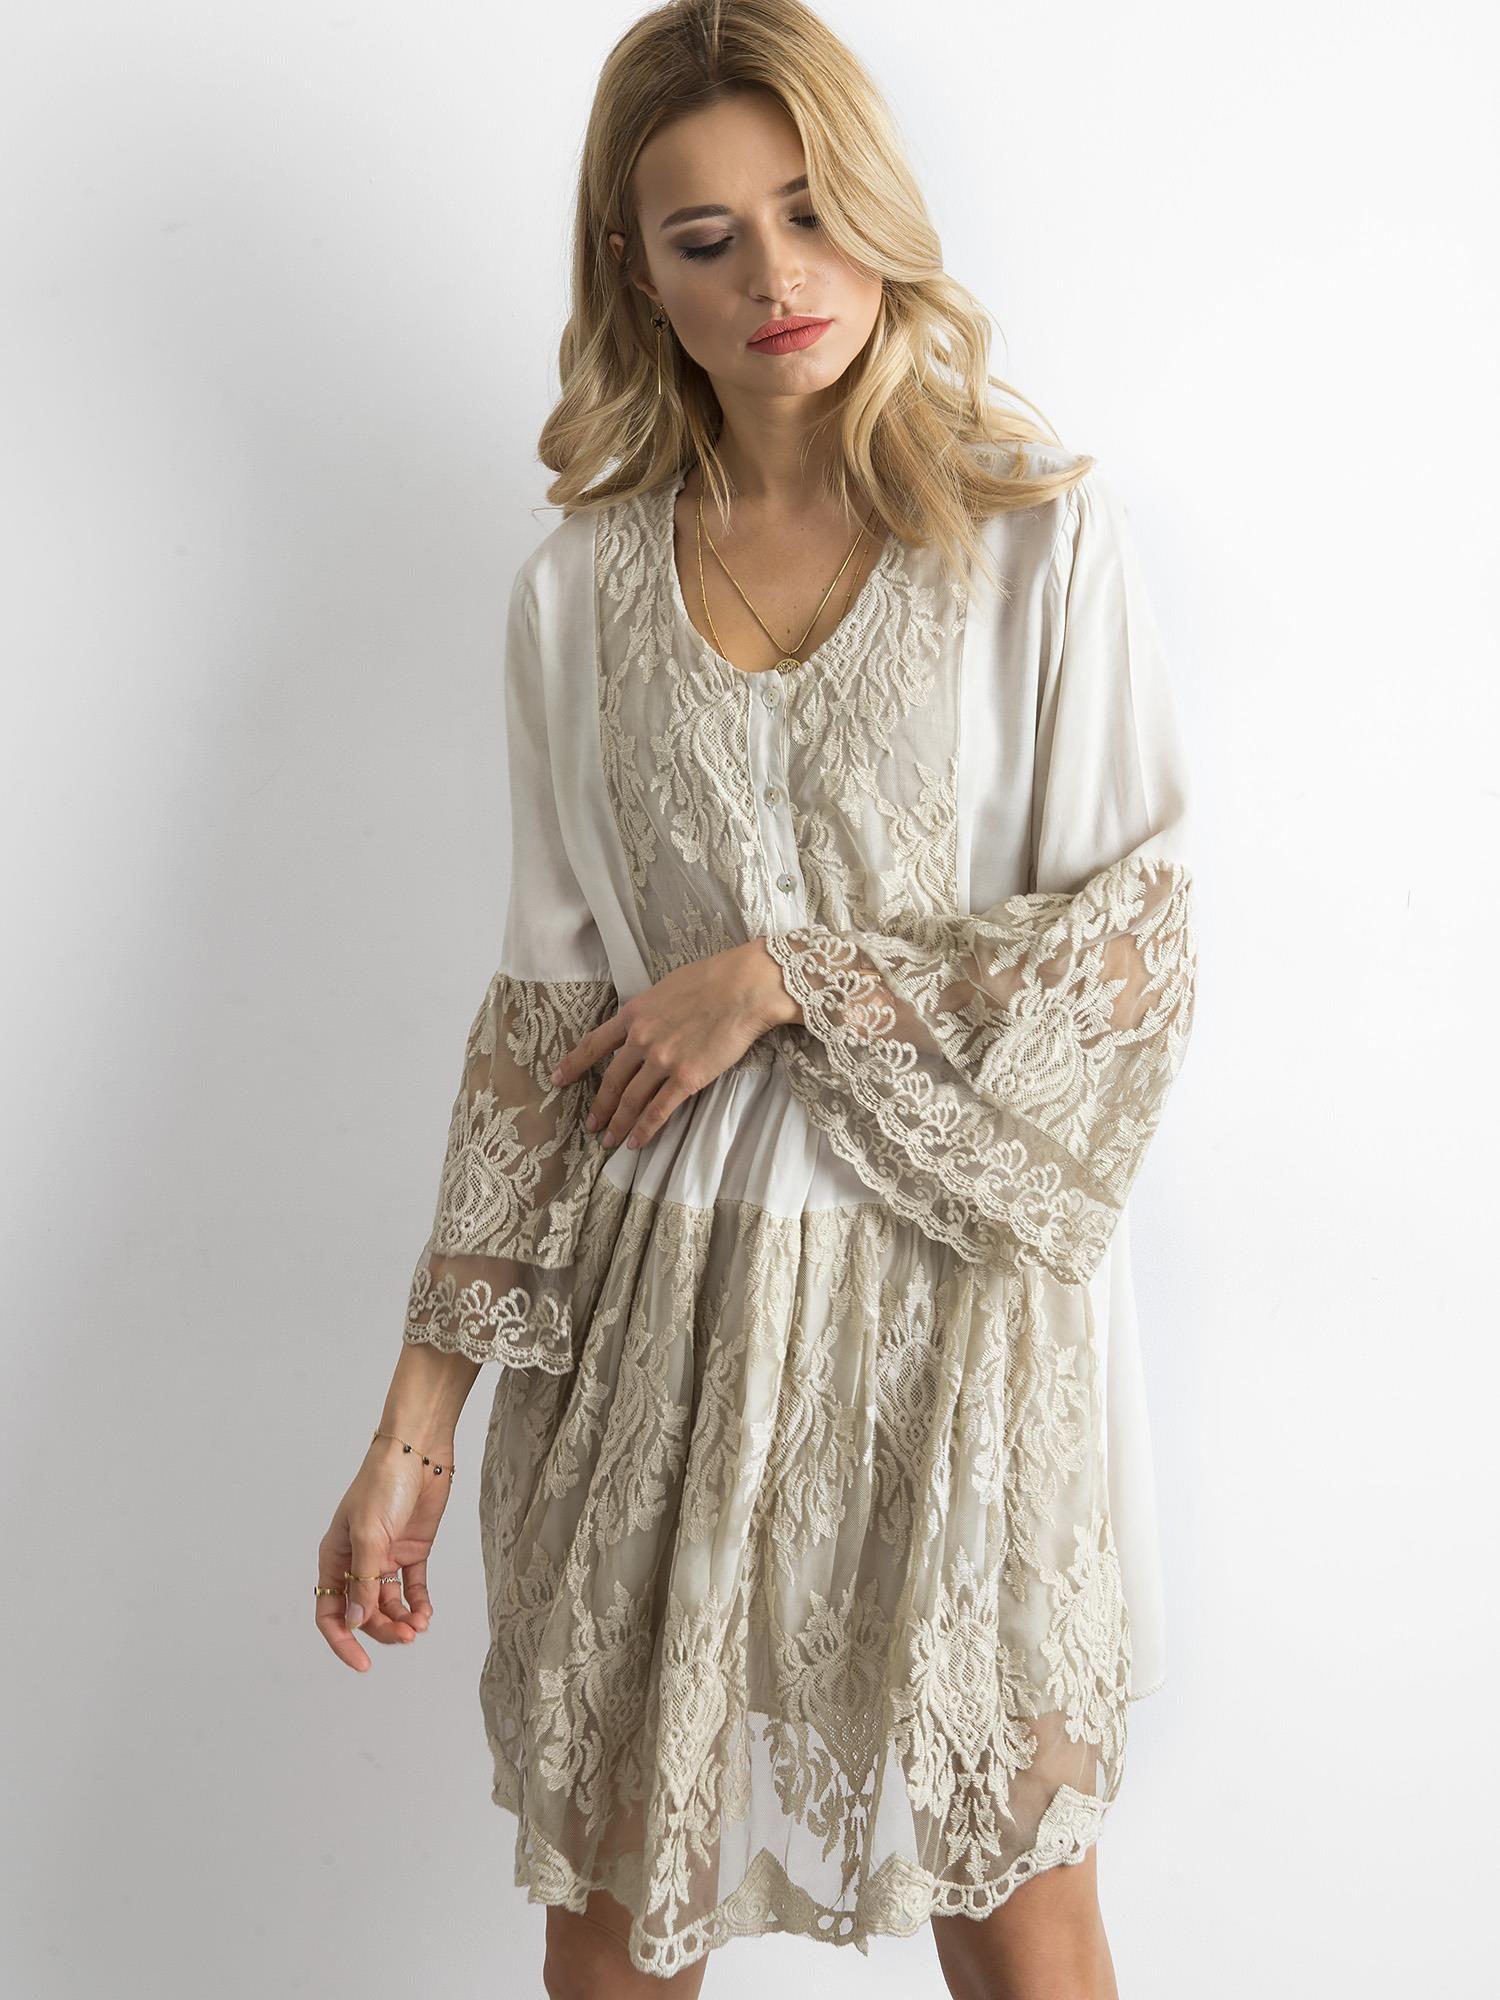 93be6e7b5 Beżowa luźna sukienka z koronką - Sukienka z koronką - sklep eButik.pl